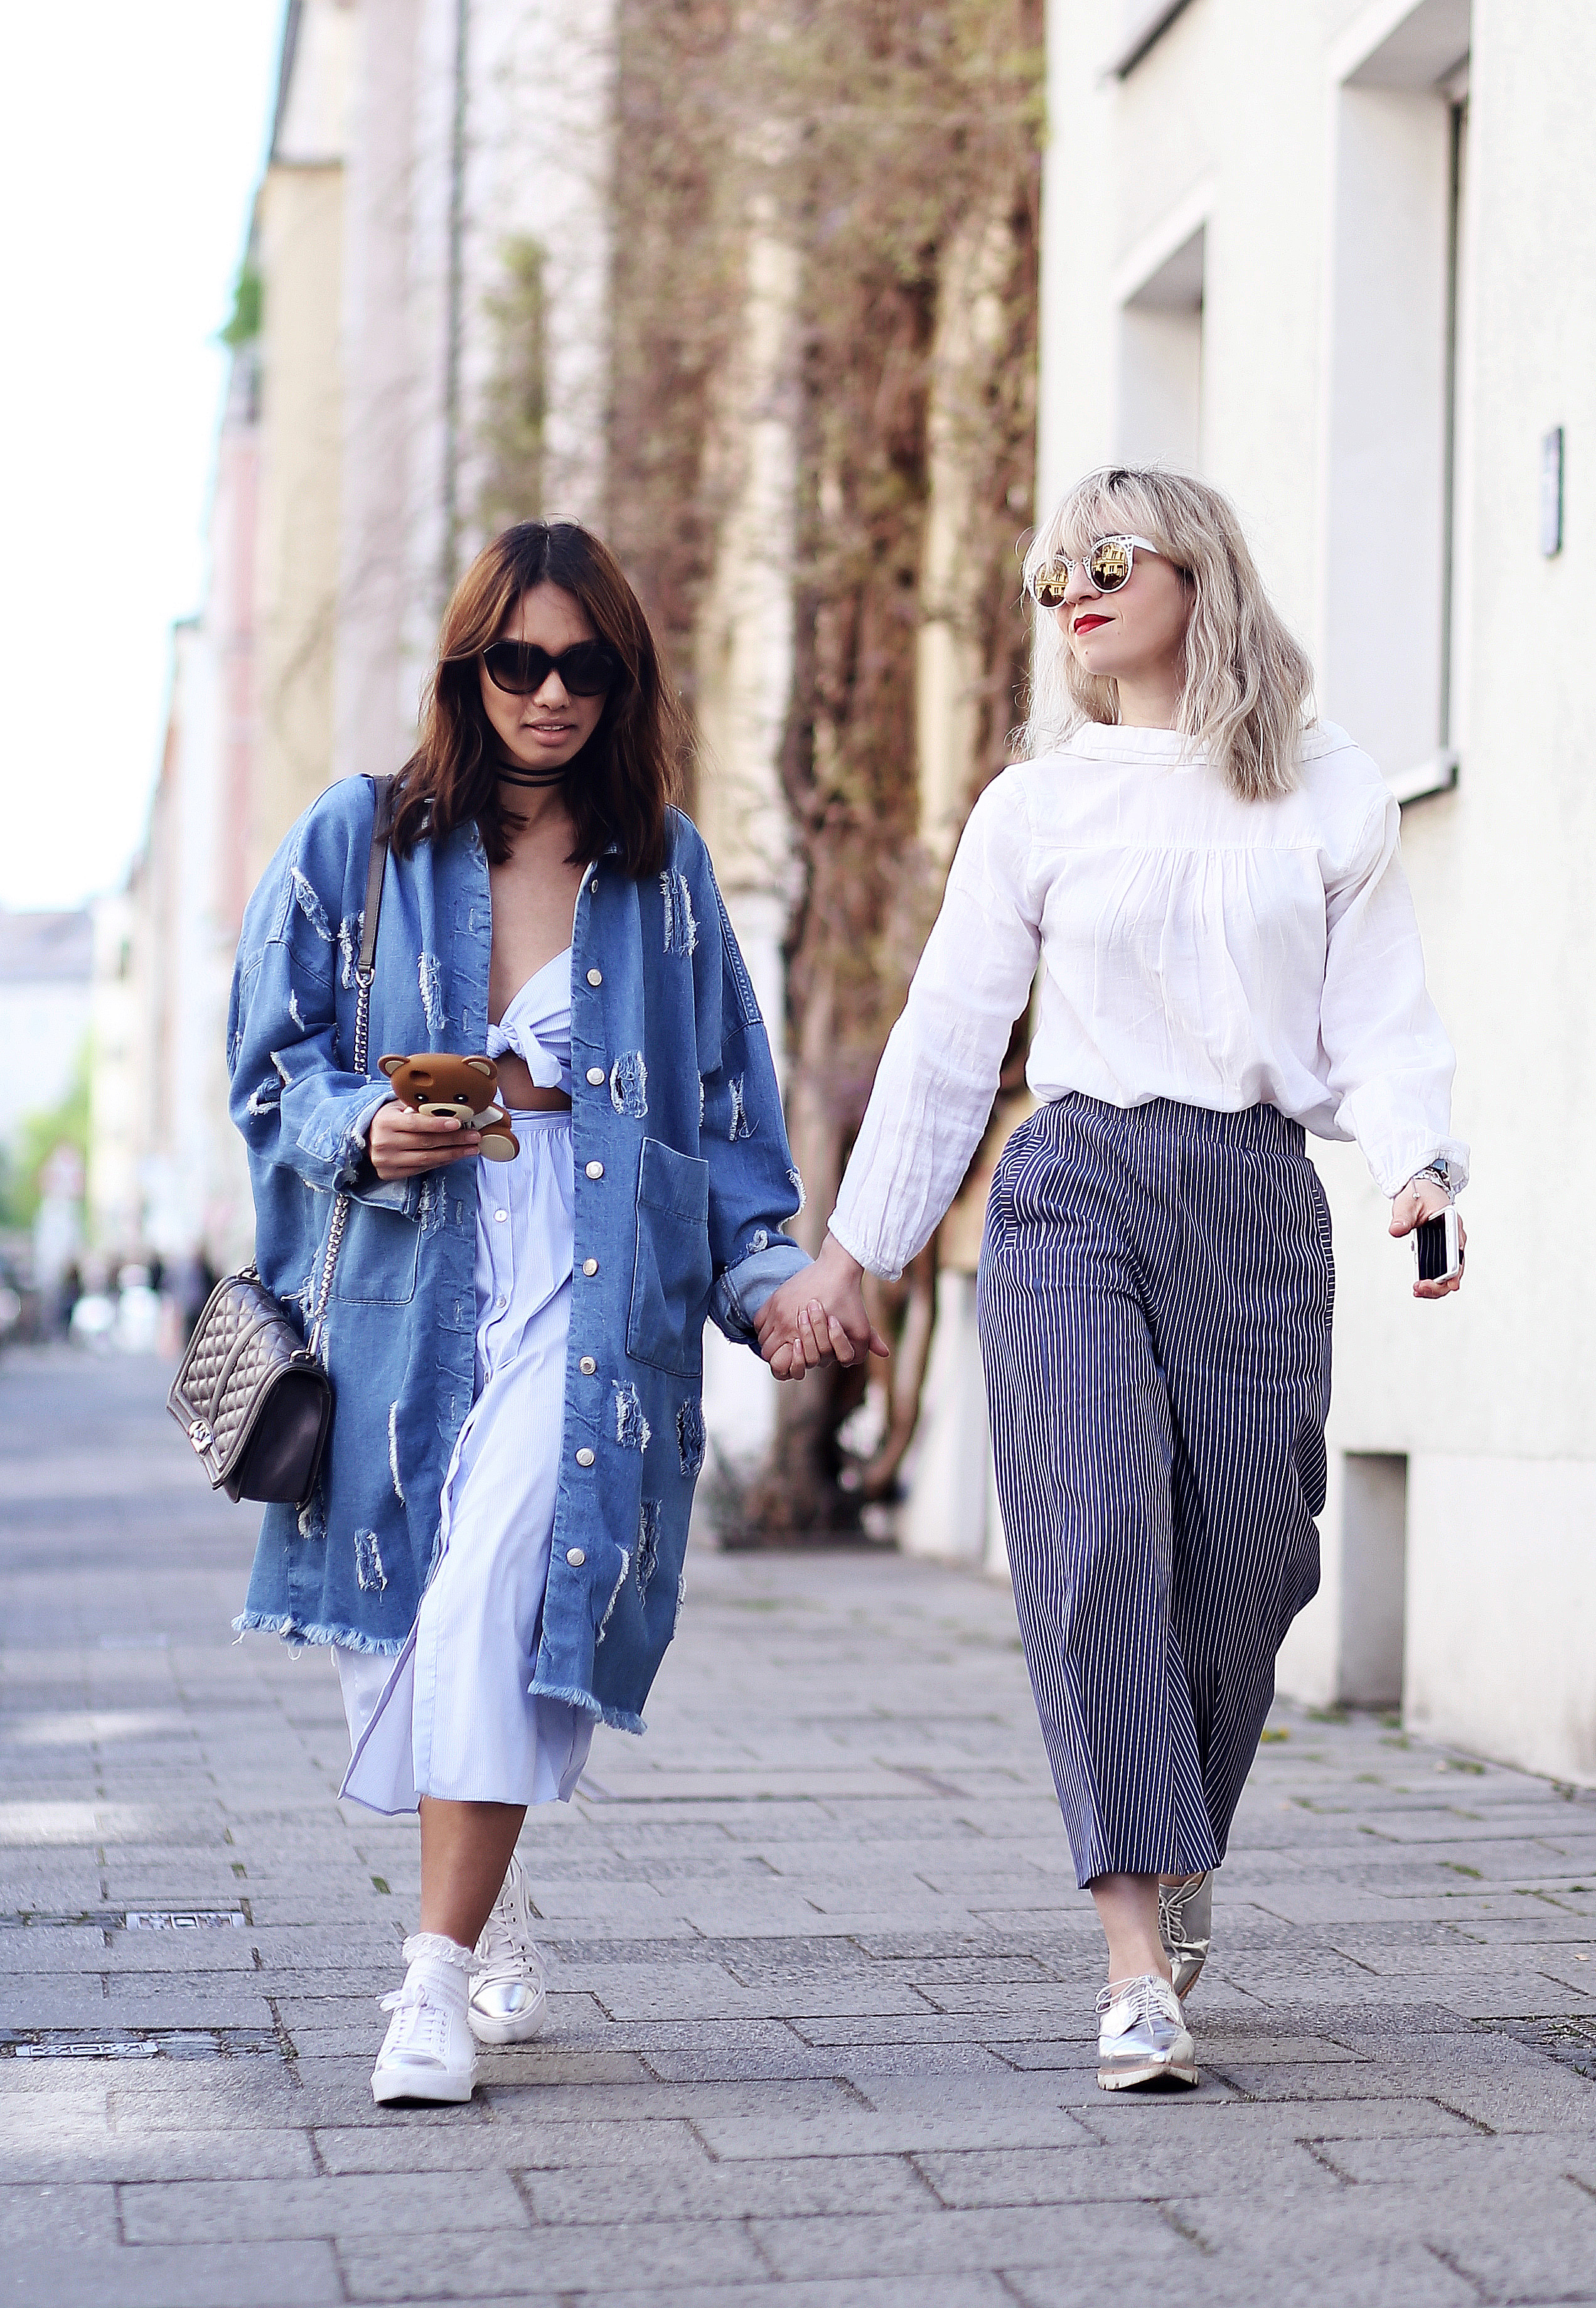 thefashionanarchy_nachgesteristvormorgen_diana-_esra_blogger_freundschaft_munichblogger_munich_muenchen_modeblog_fashionblog_styleblog_blogger_2